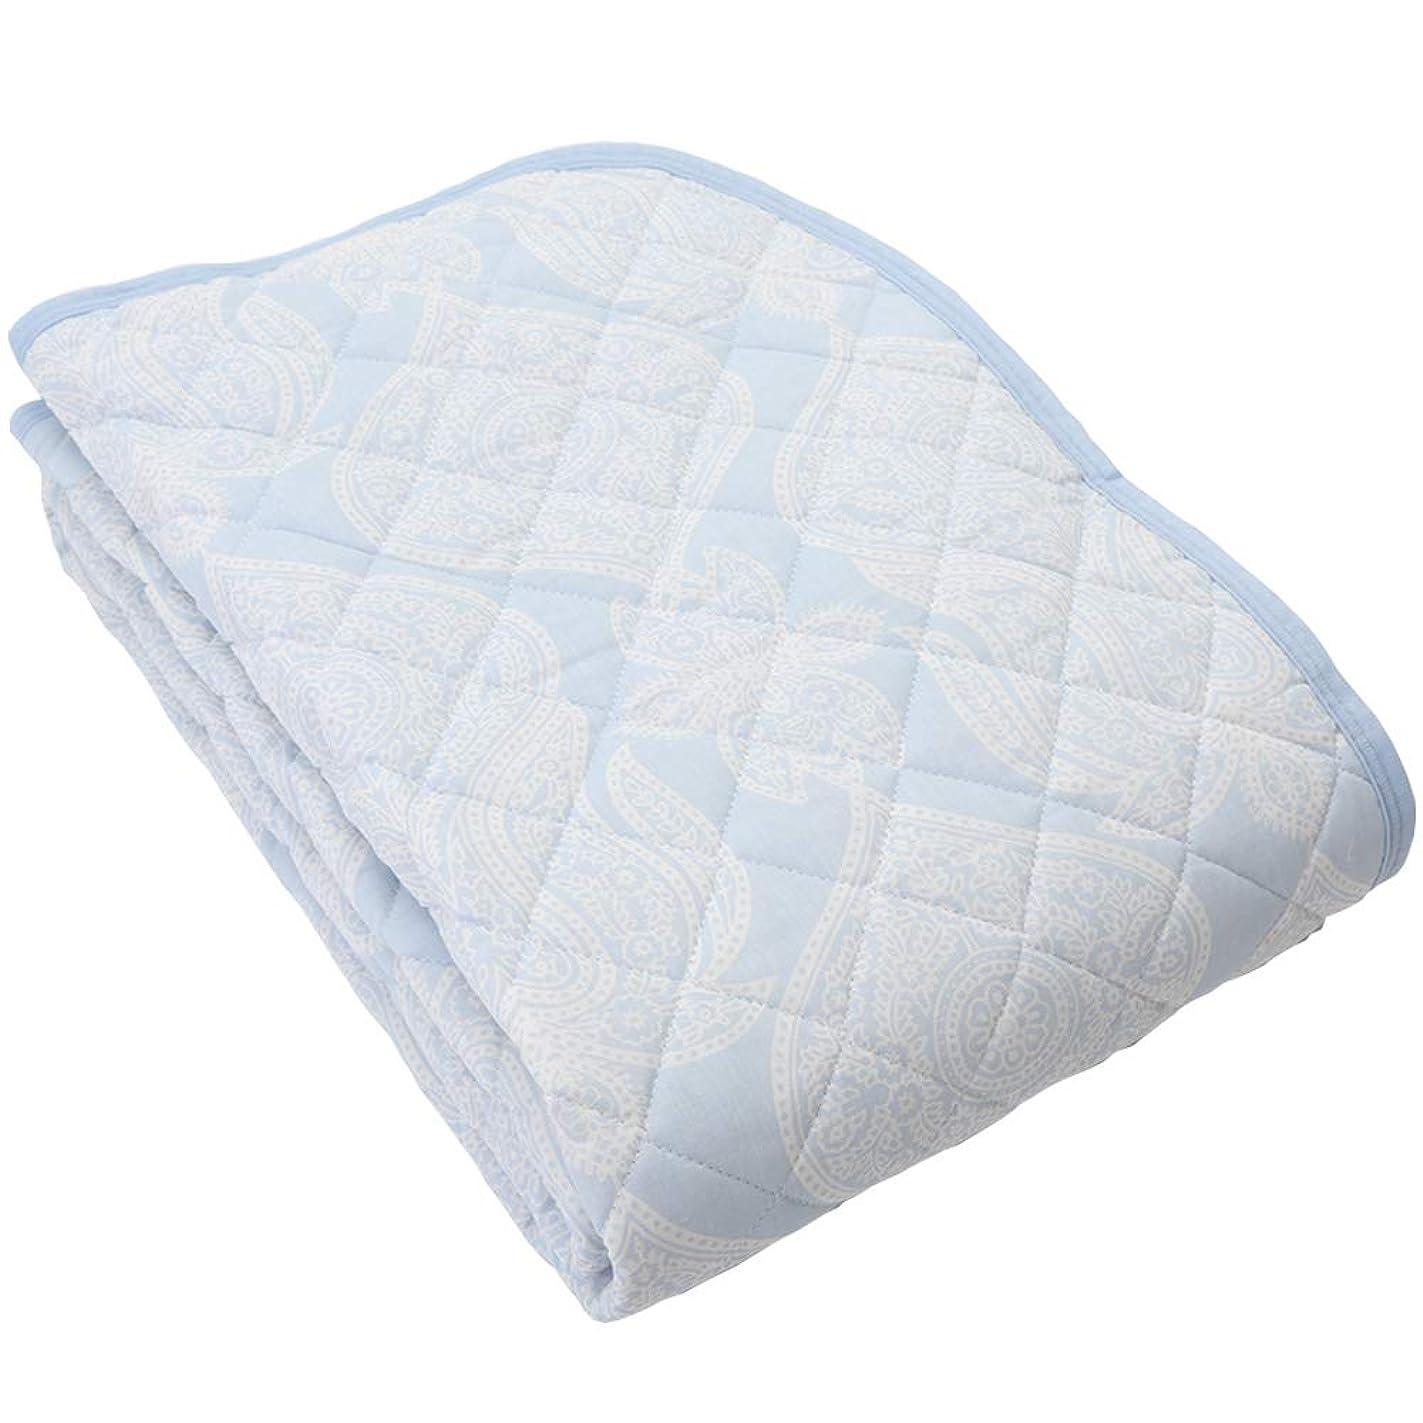 連想降下攻撃的昭和西川 2重 ガーゼ 敷きパッド 洗える パッドシーツ シングル 100×205cm 直販限定商品 バロール (ブルー)